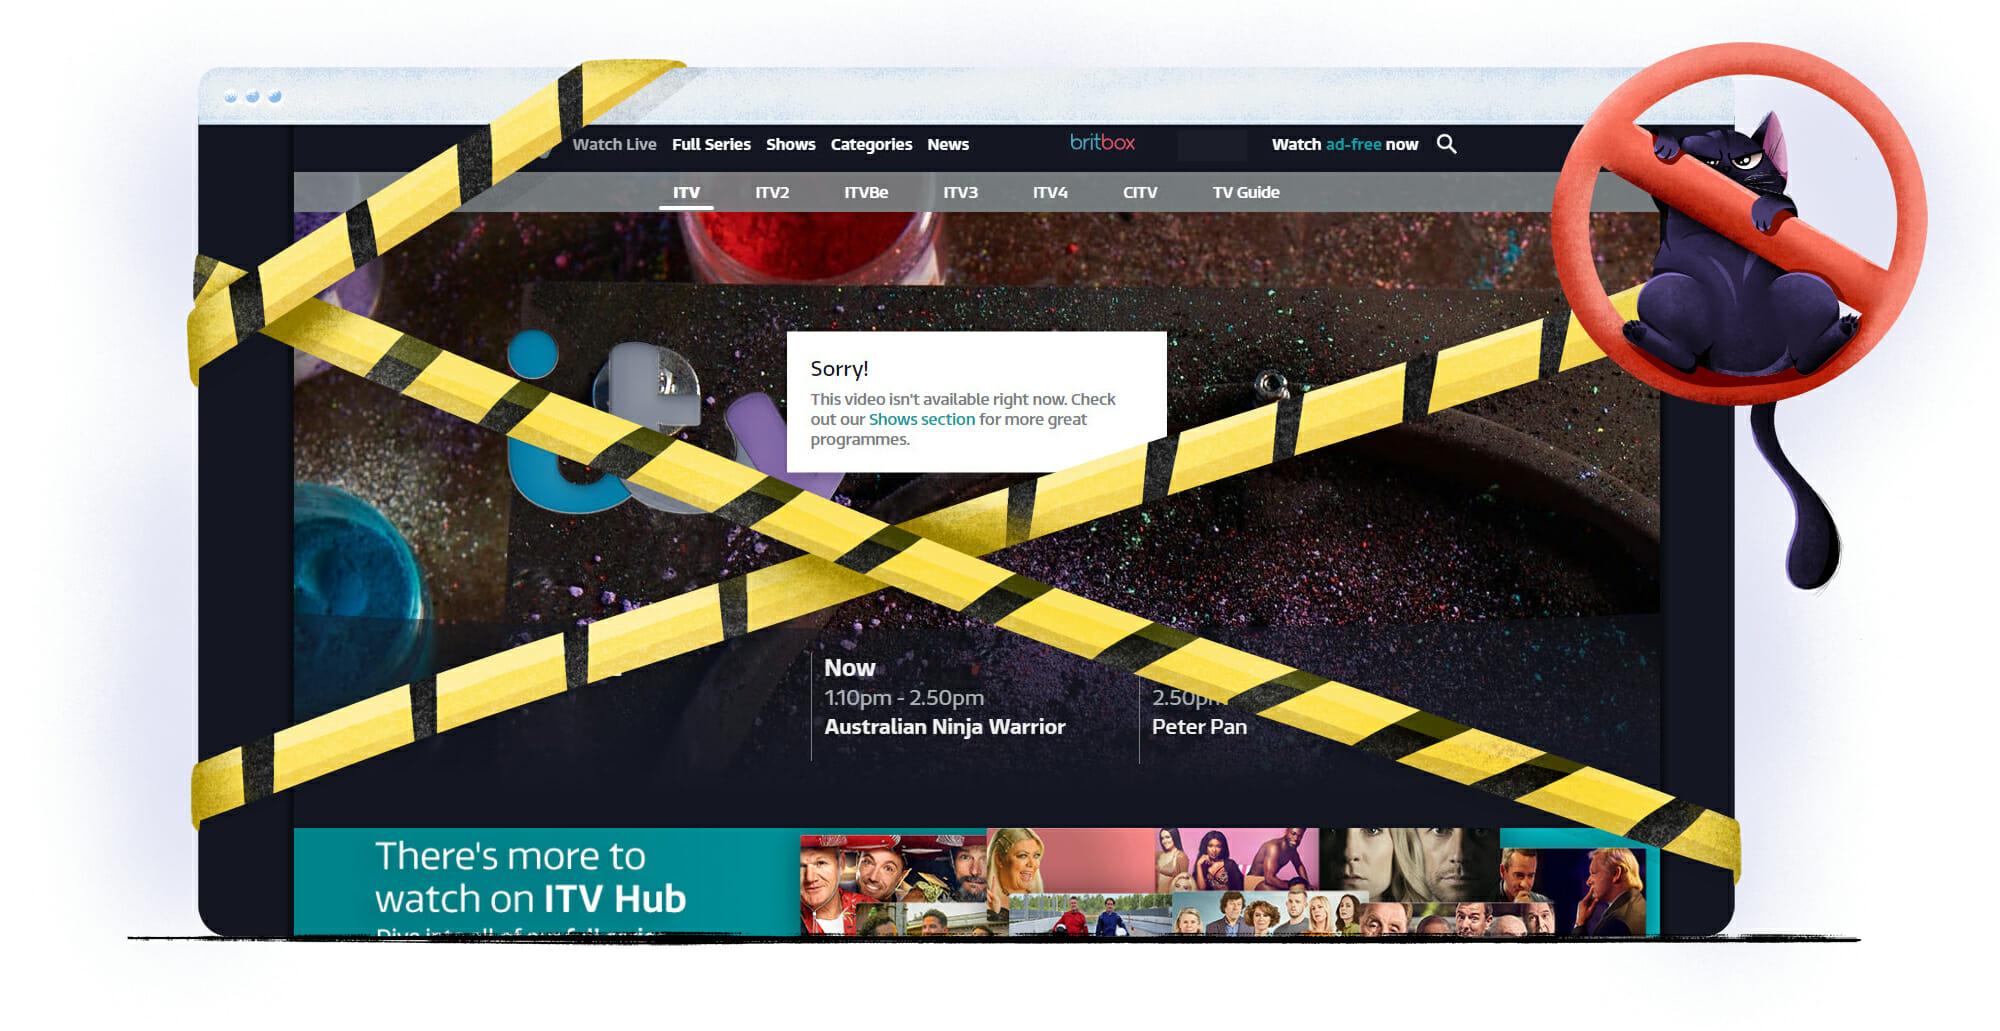 Britse ITV Hub is niet beschikbaar in Nederland